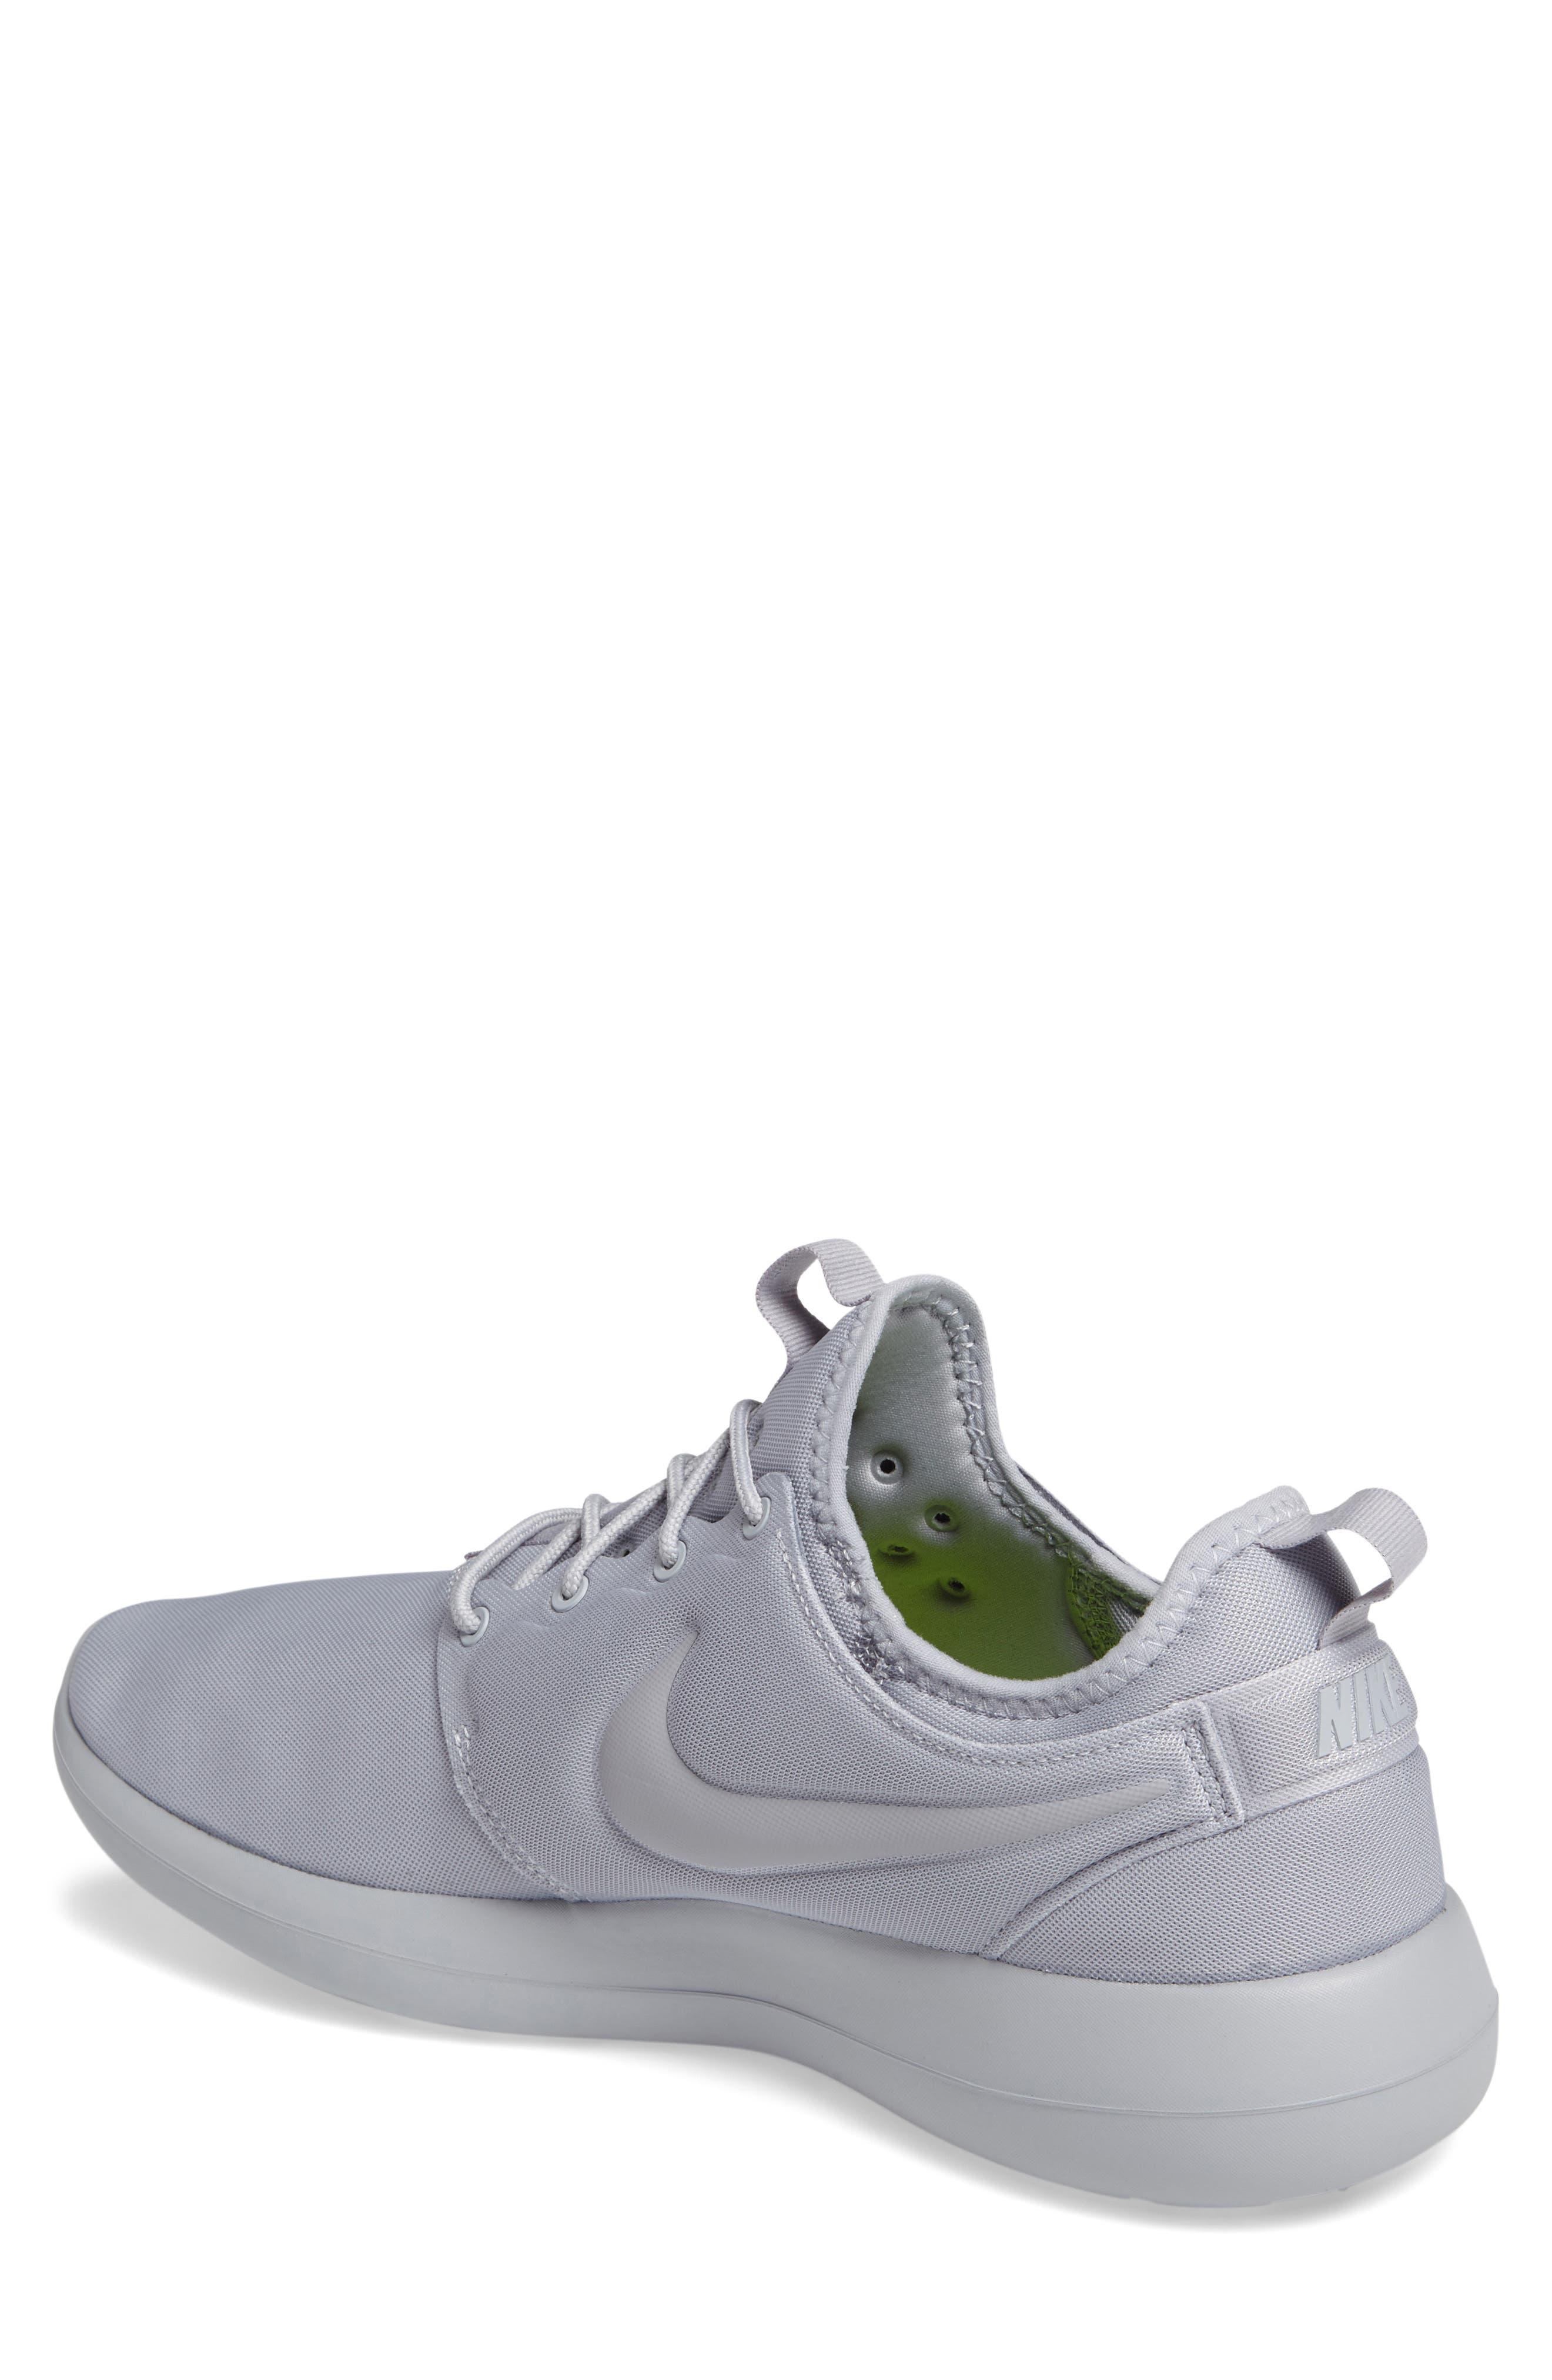 Roshe Two Sneaker,                             Alternate thumbnail 16, color,